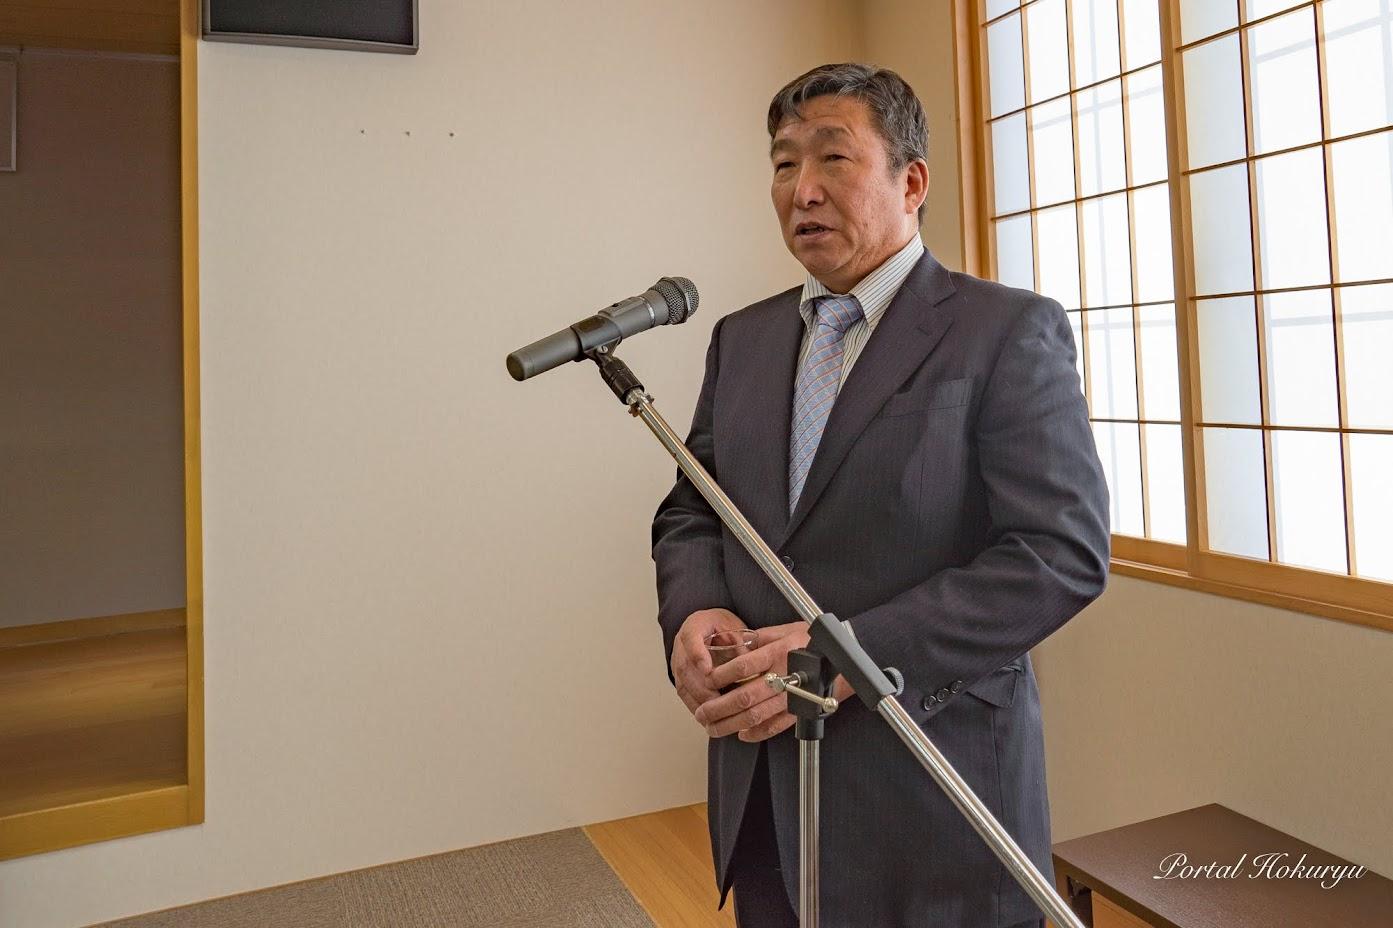 板谷町内会・藤井二郎 会長による乾杯